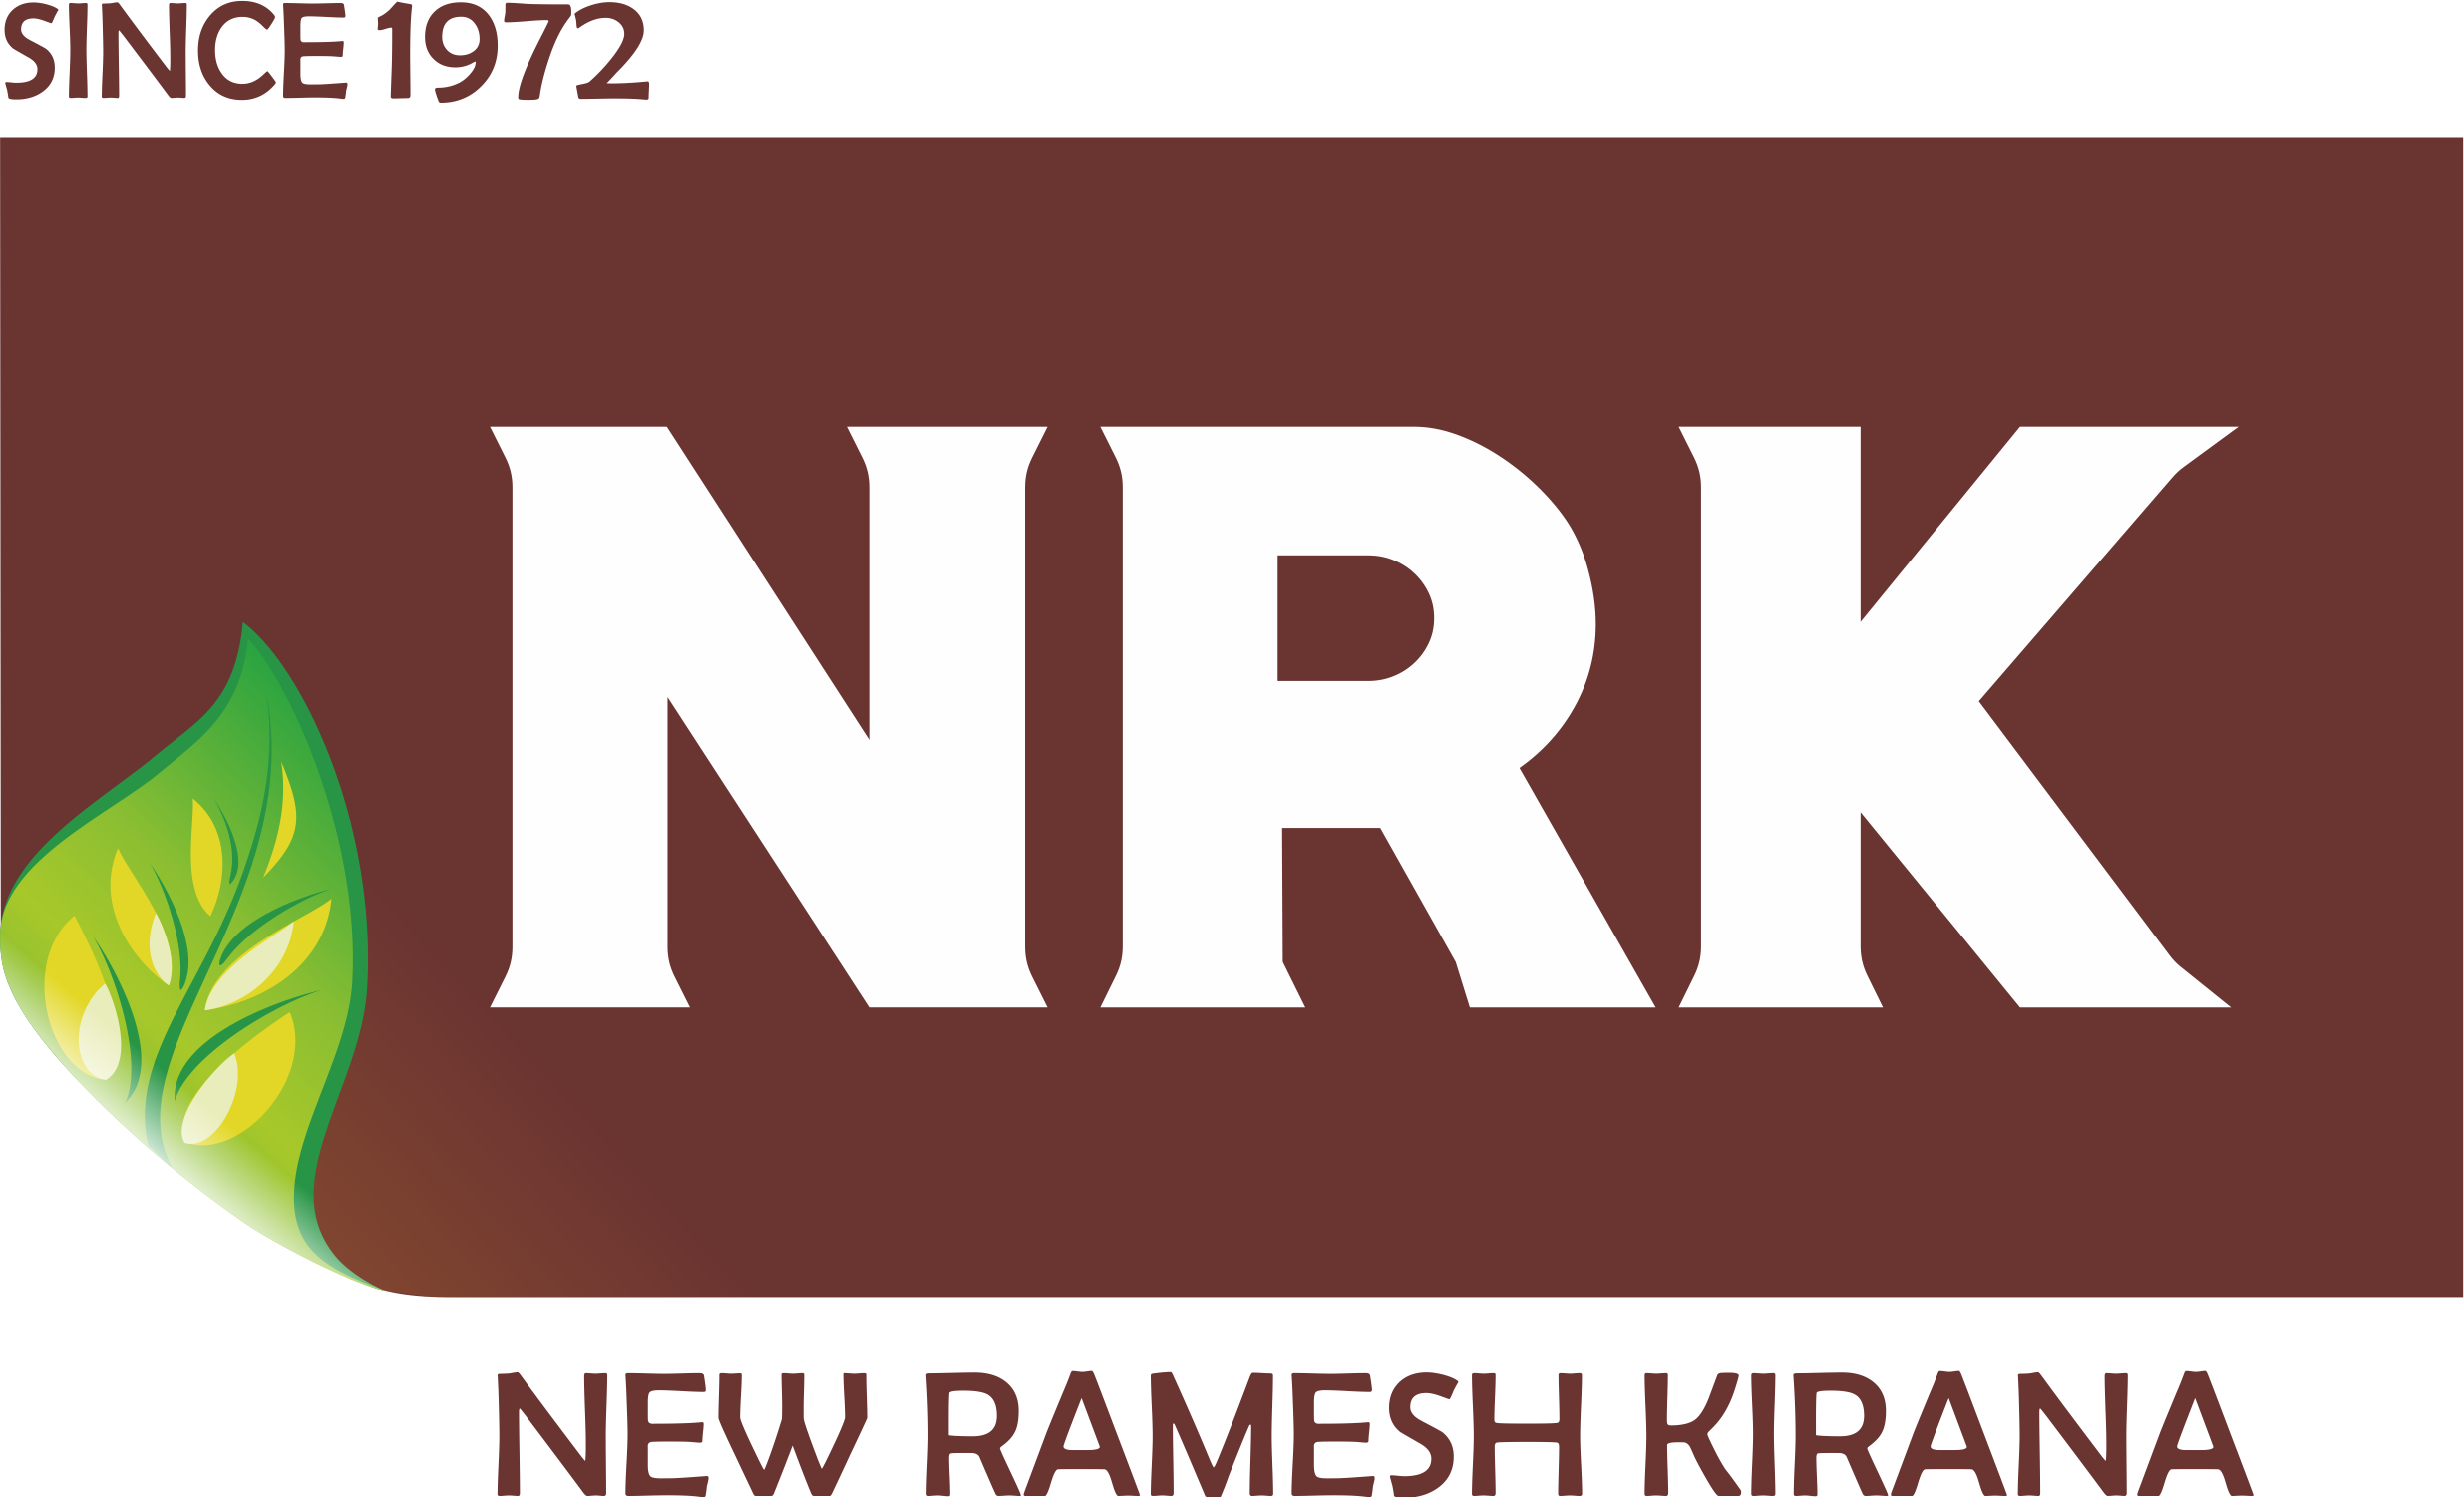 New Ramesh Kirana